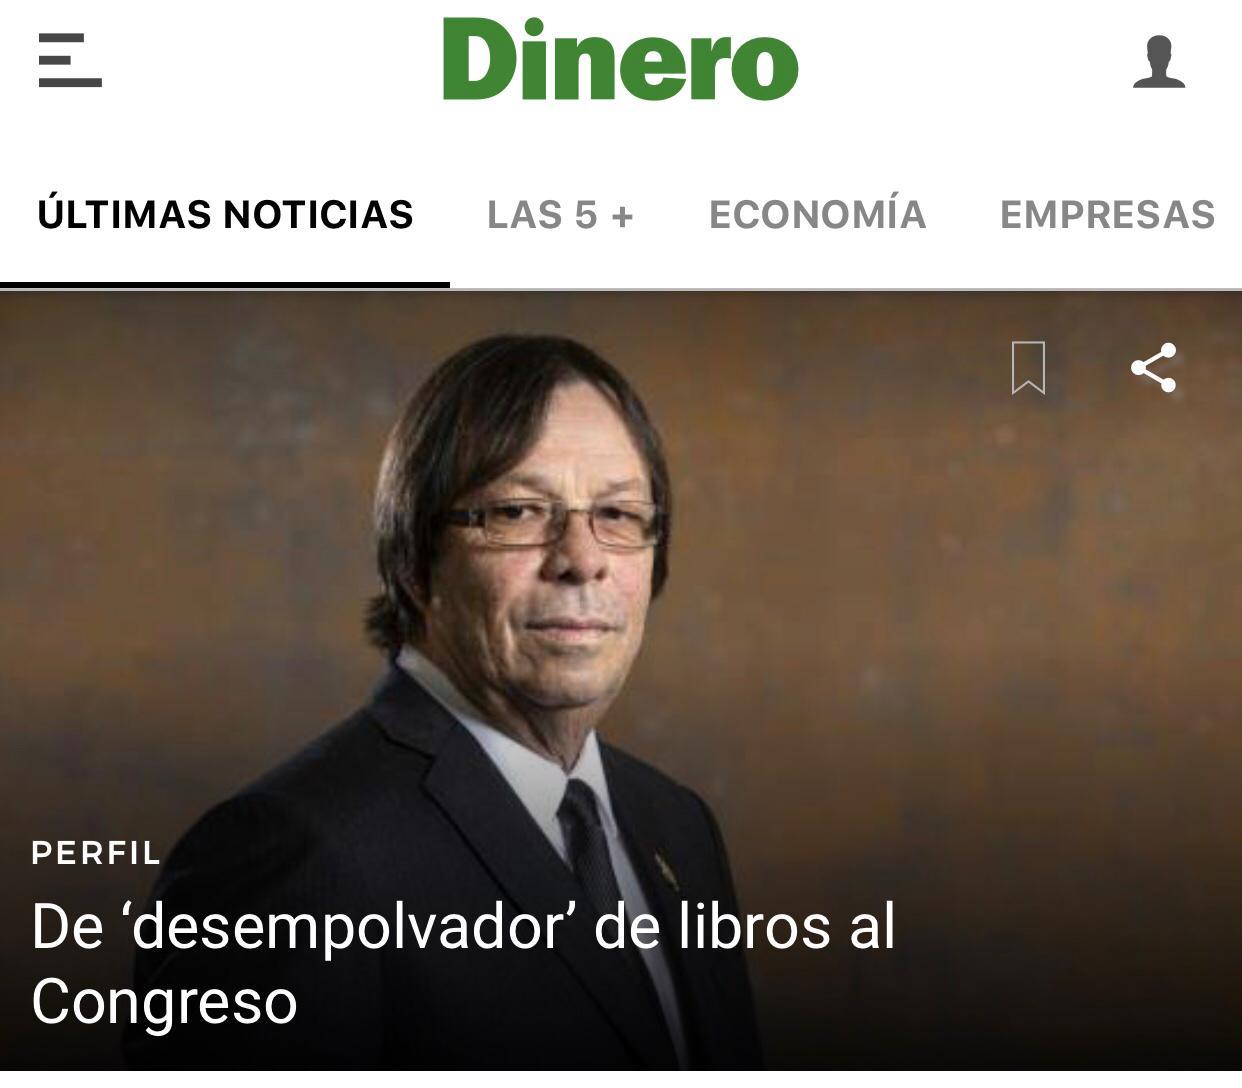 Cesar Lorduy pasó de 'desempolvador' de libros al Congreso de la República 4